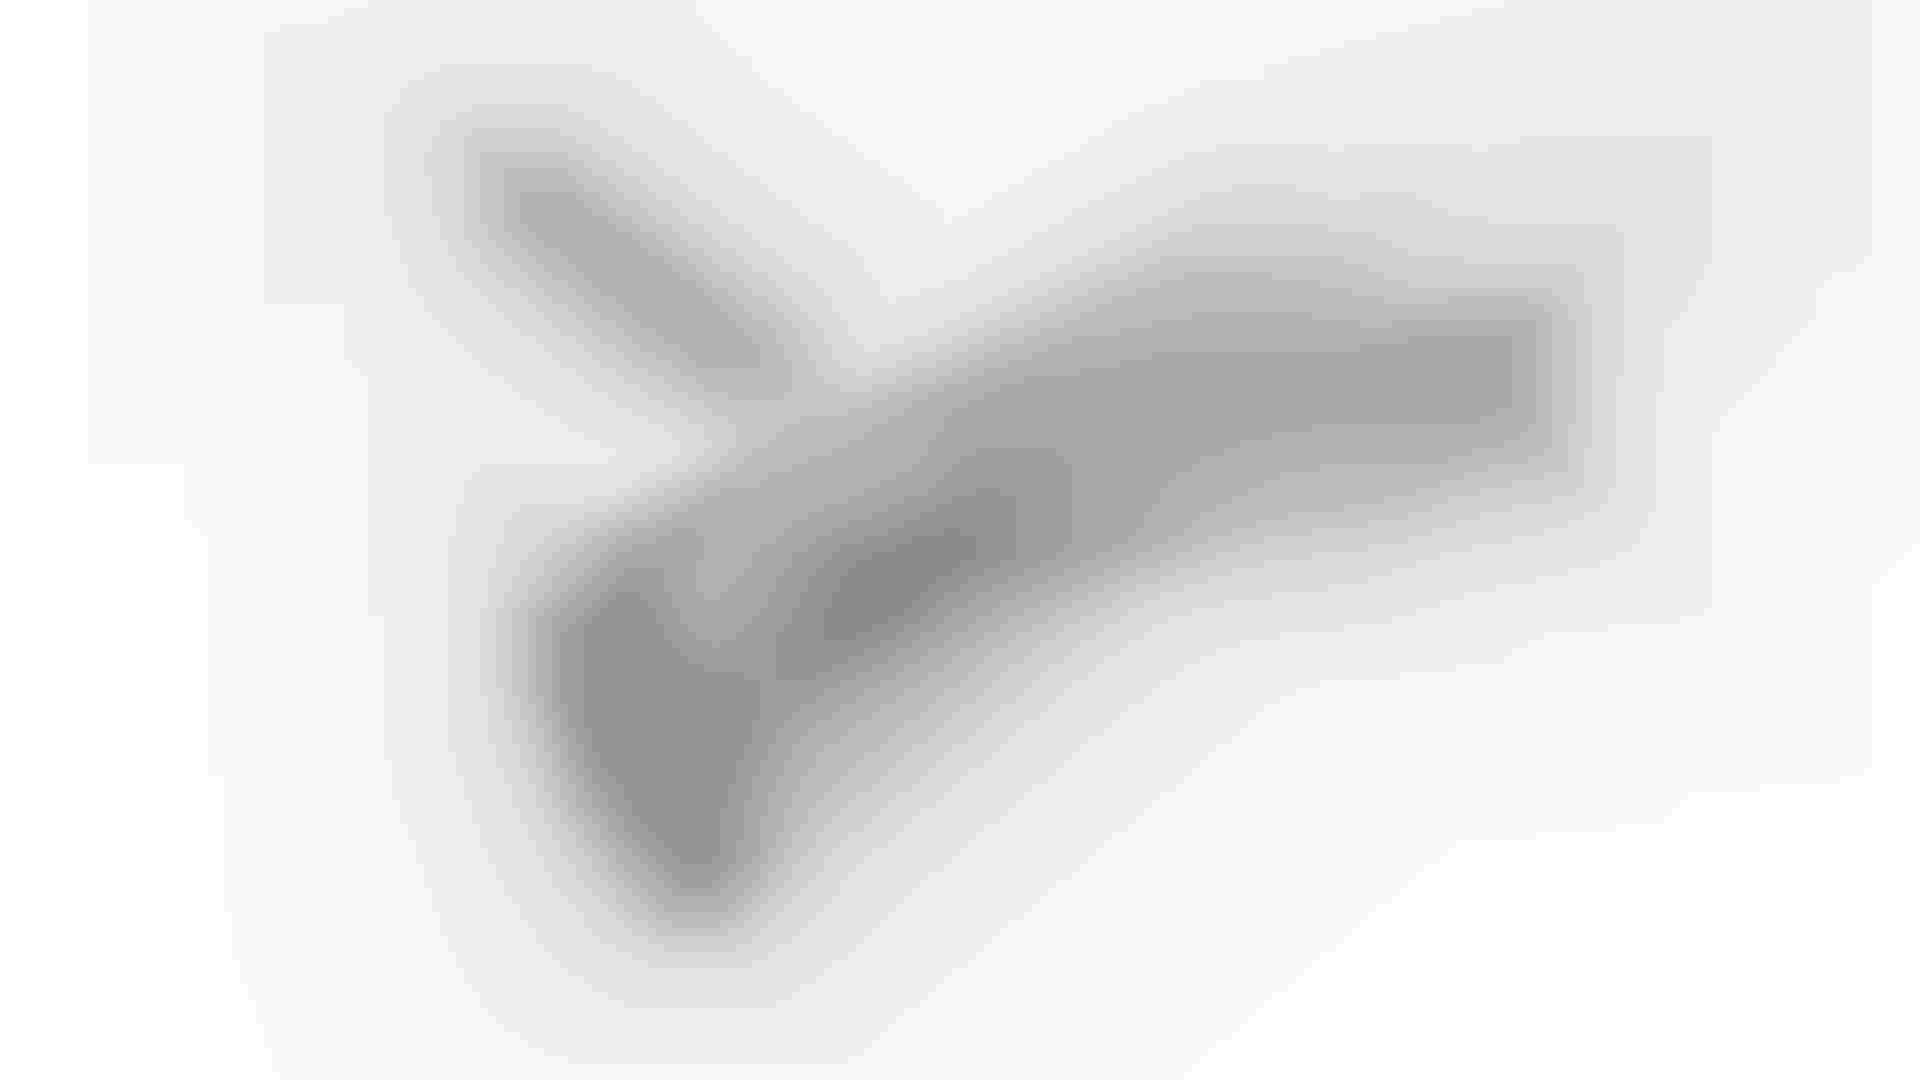 Alcomij – Optinova – goot (van boven) (V1.1) RGB (grey background) (1) boven banner site